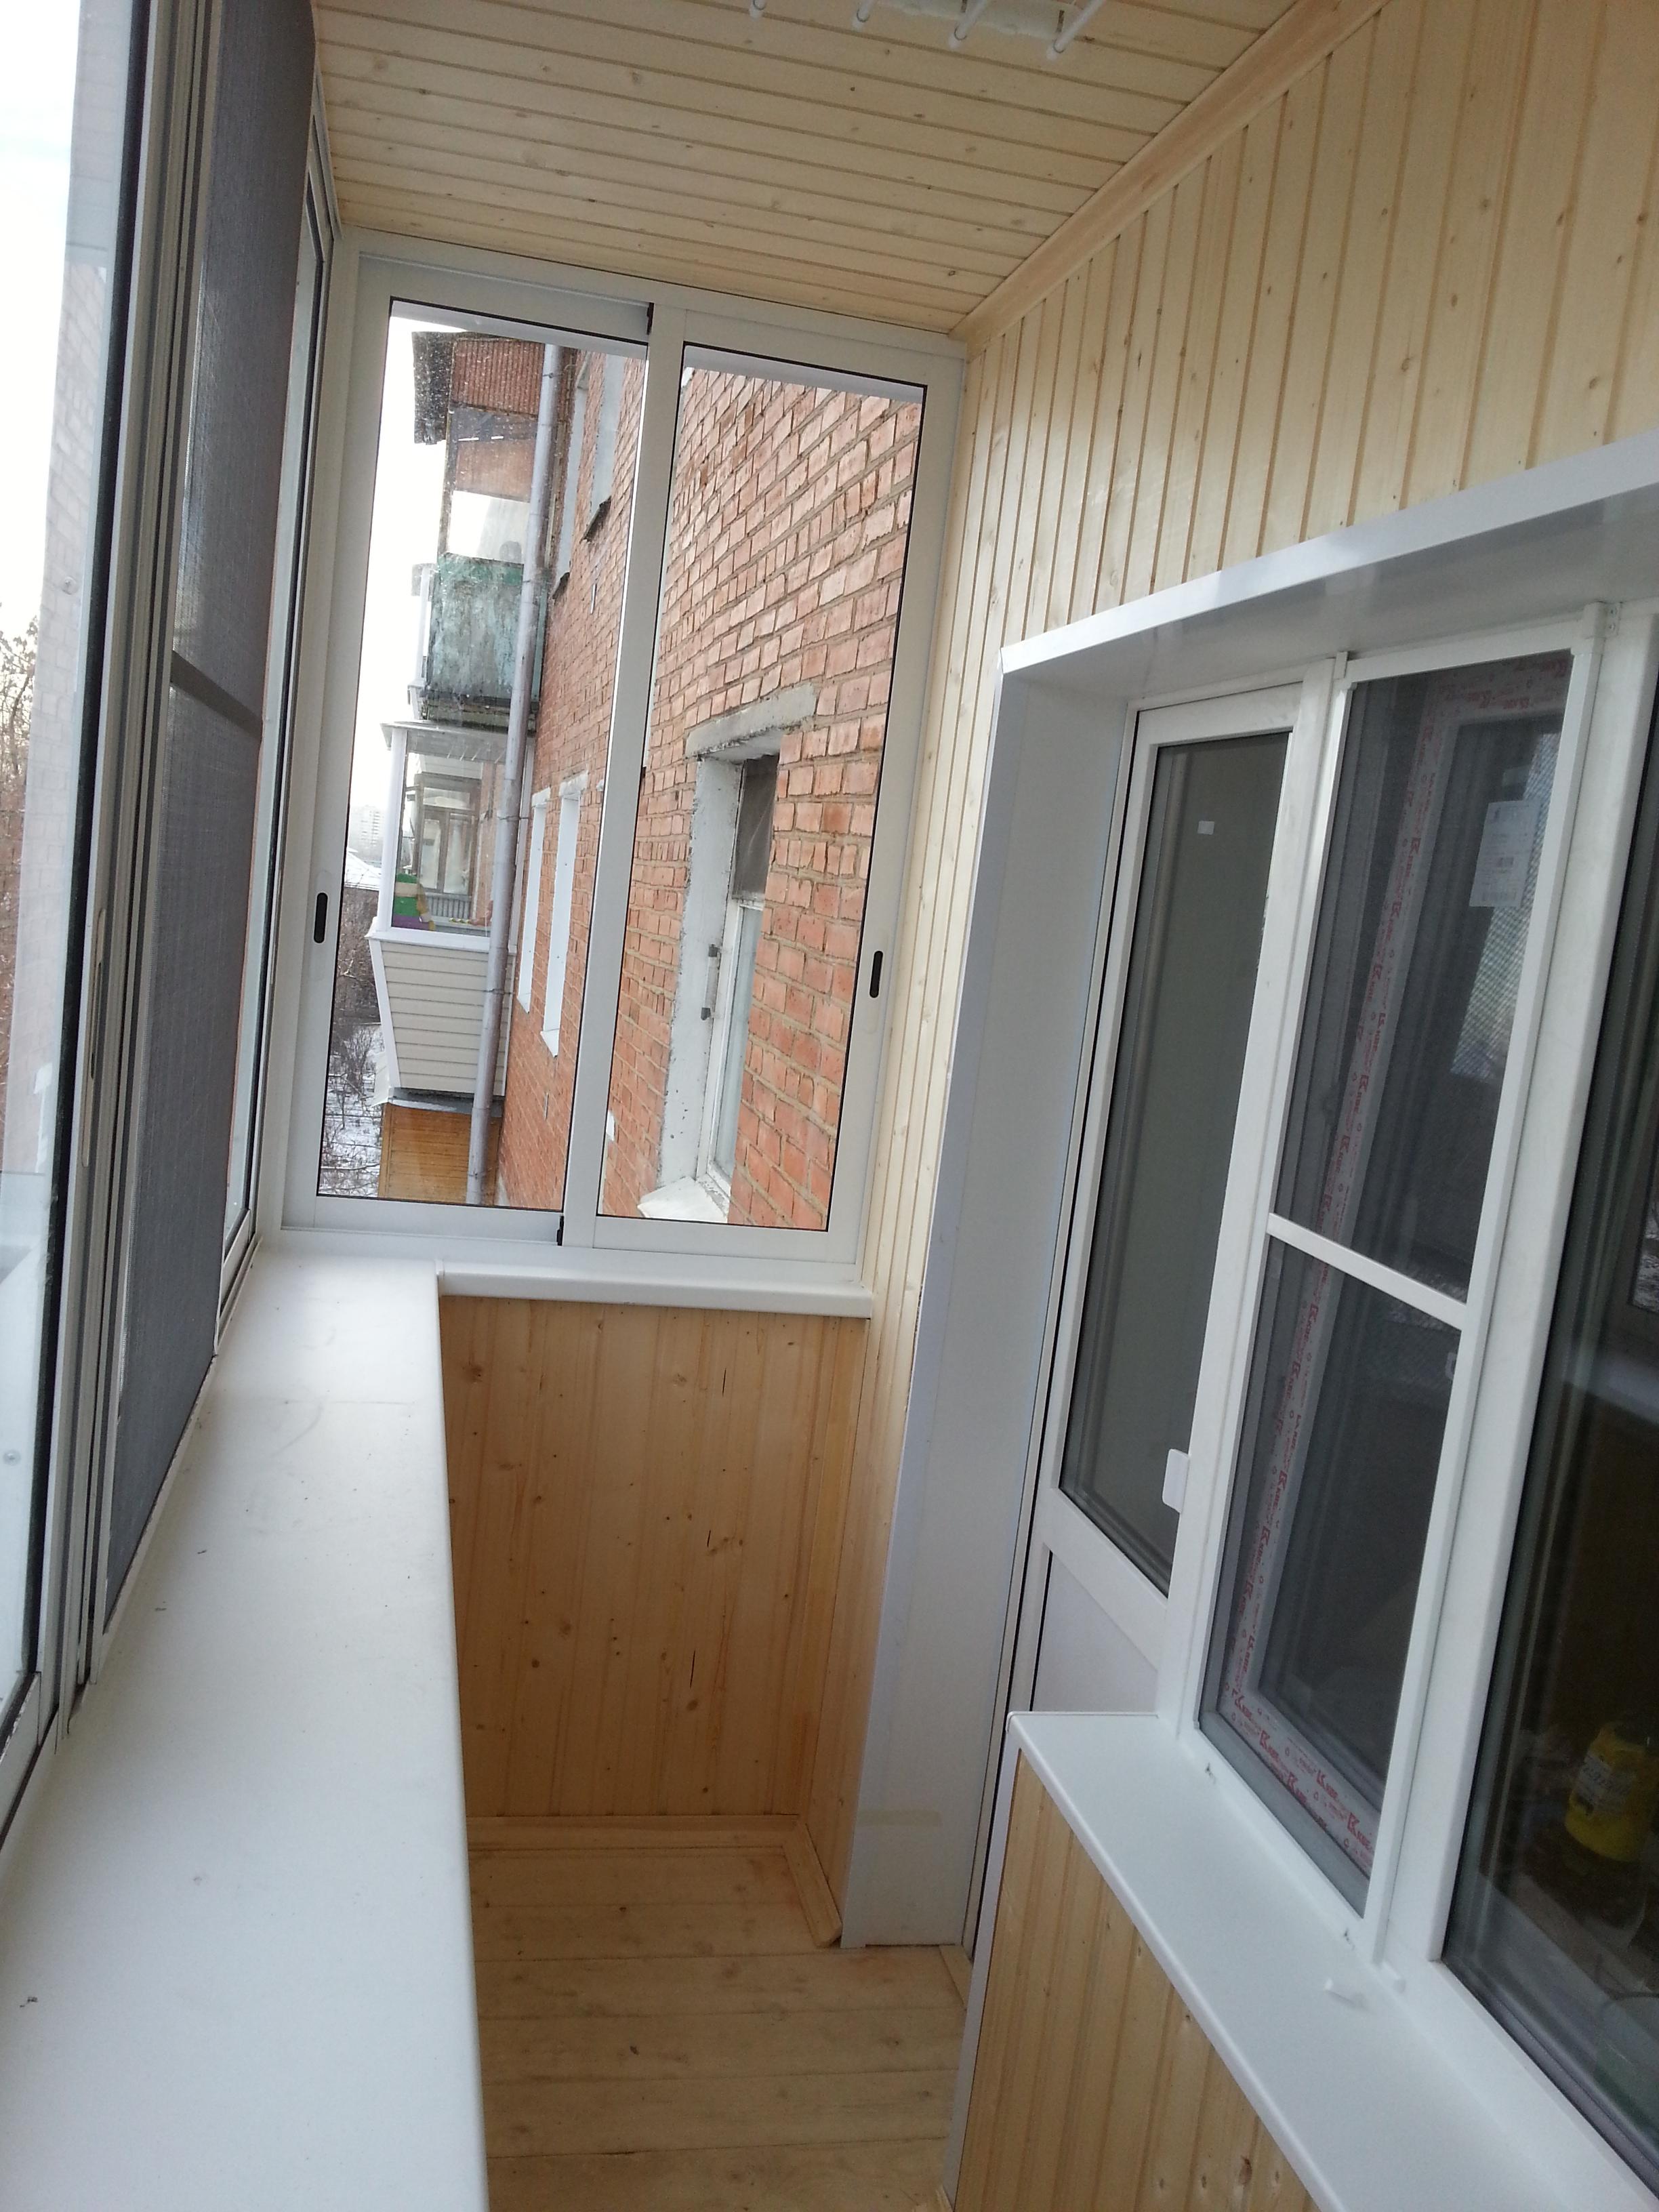 Застекление балконов идеи фото